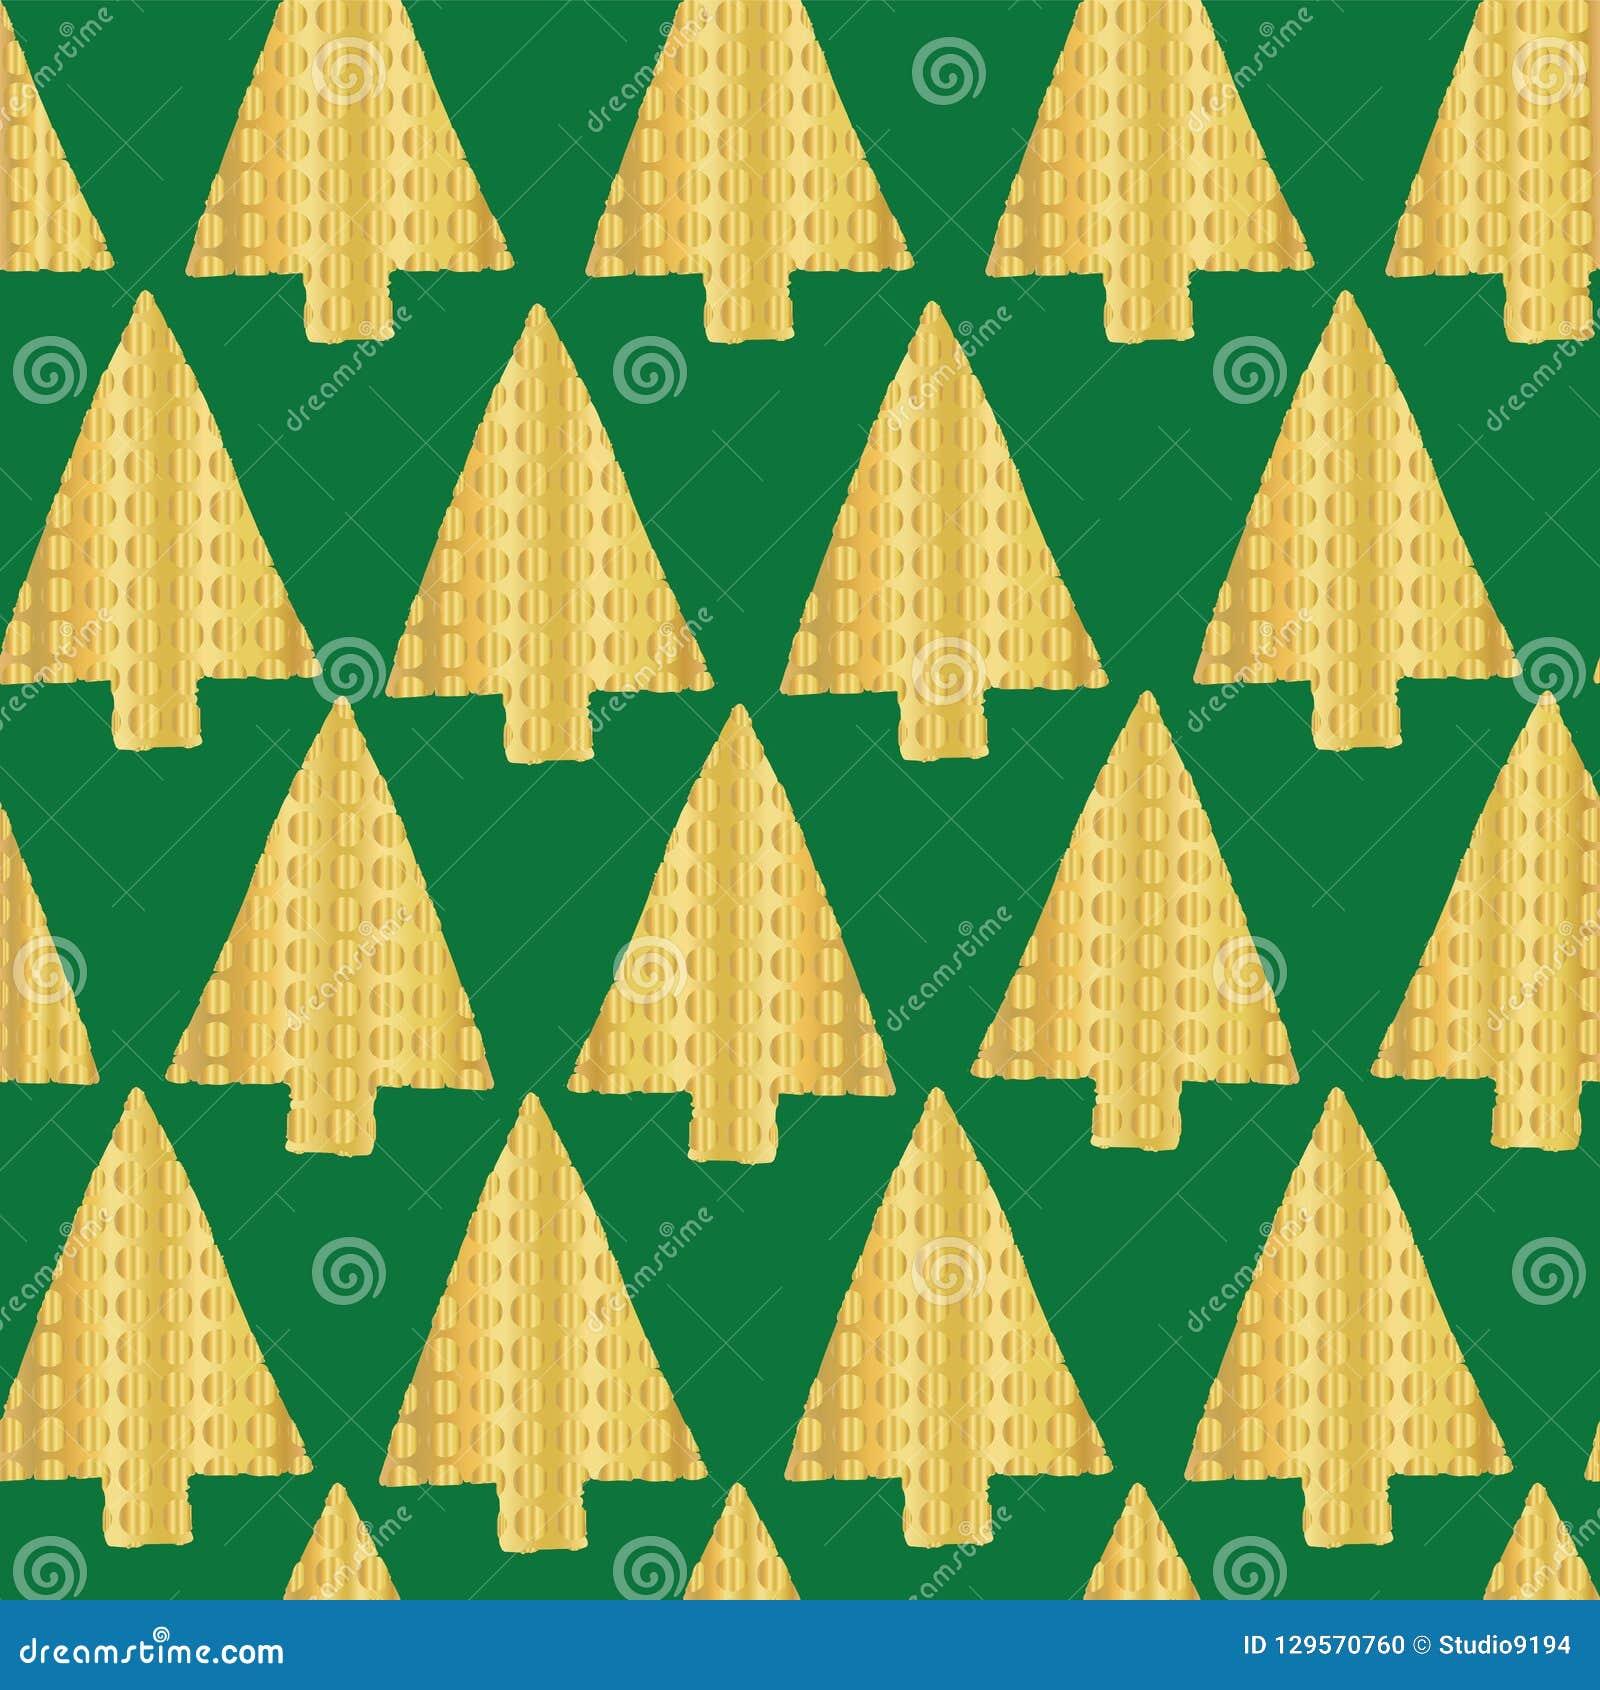 Contexto inconsútil del modelo del vector de la hoja de oro del árbol de navidad Árboles de navidad texturizados de oro brillante